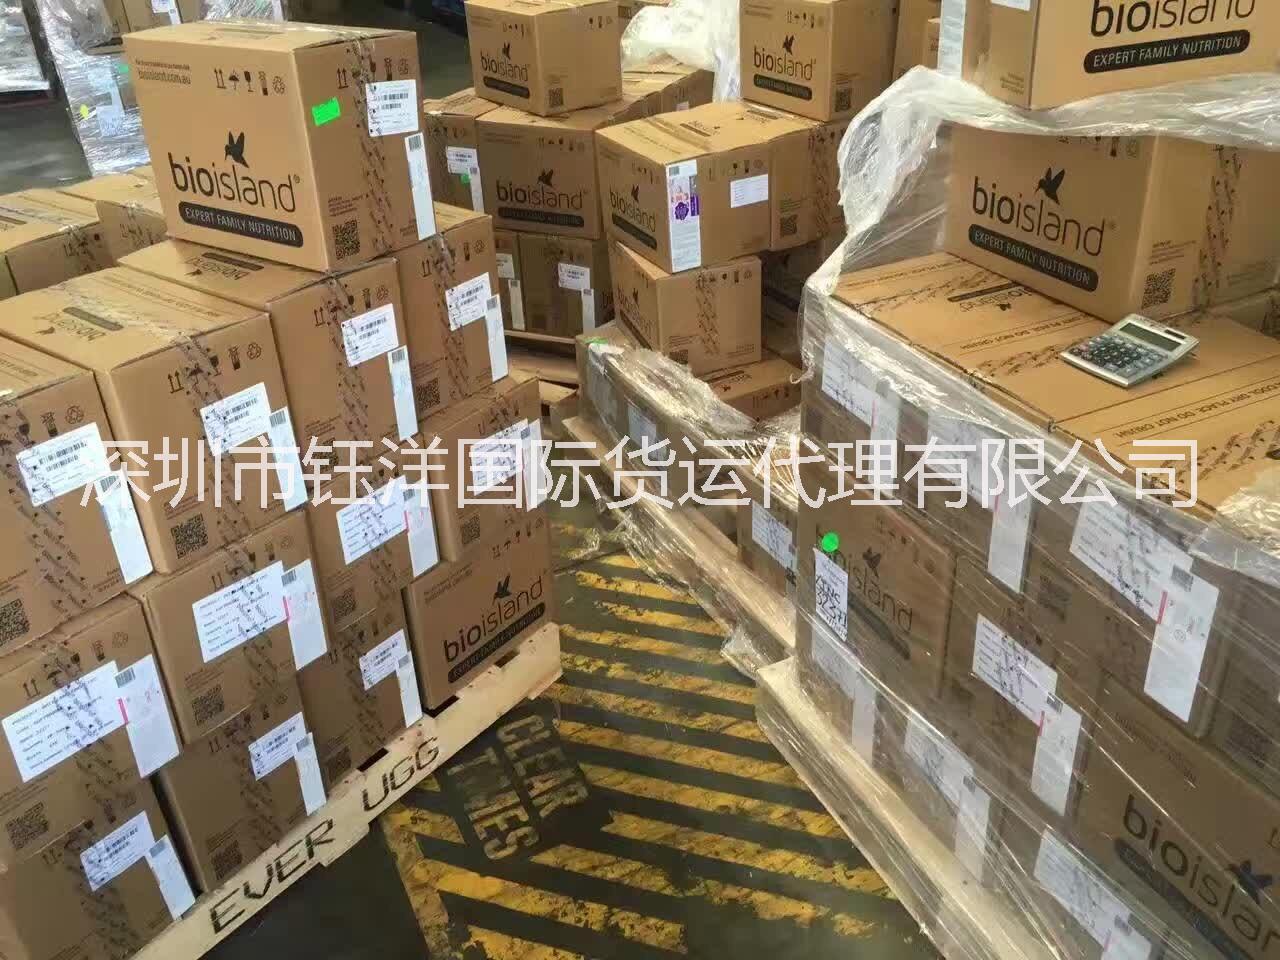 国际物流 日本邮寄快递包税进口清关运输到中国 国内免费派送到手 日本邮寄快递包税进口清关到中国